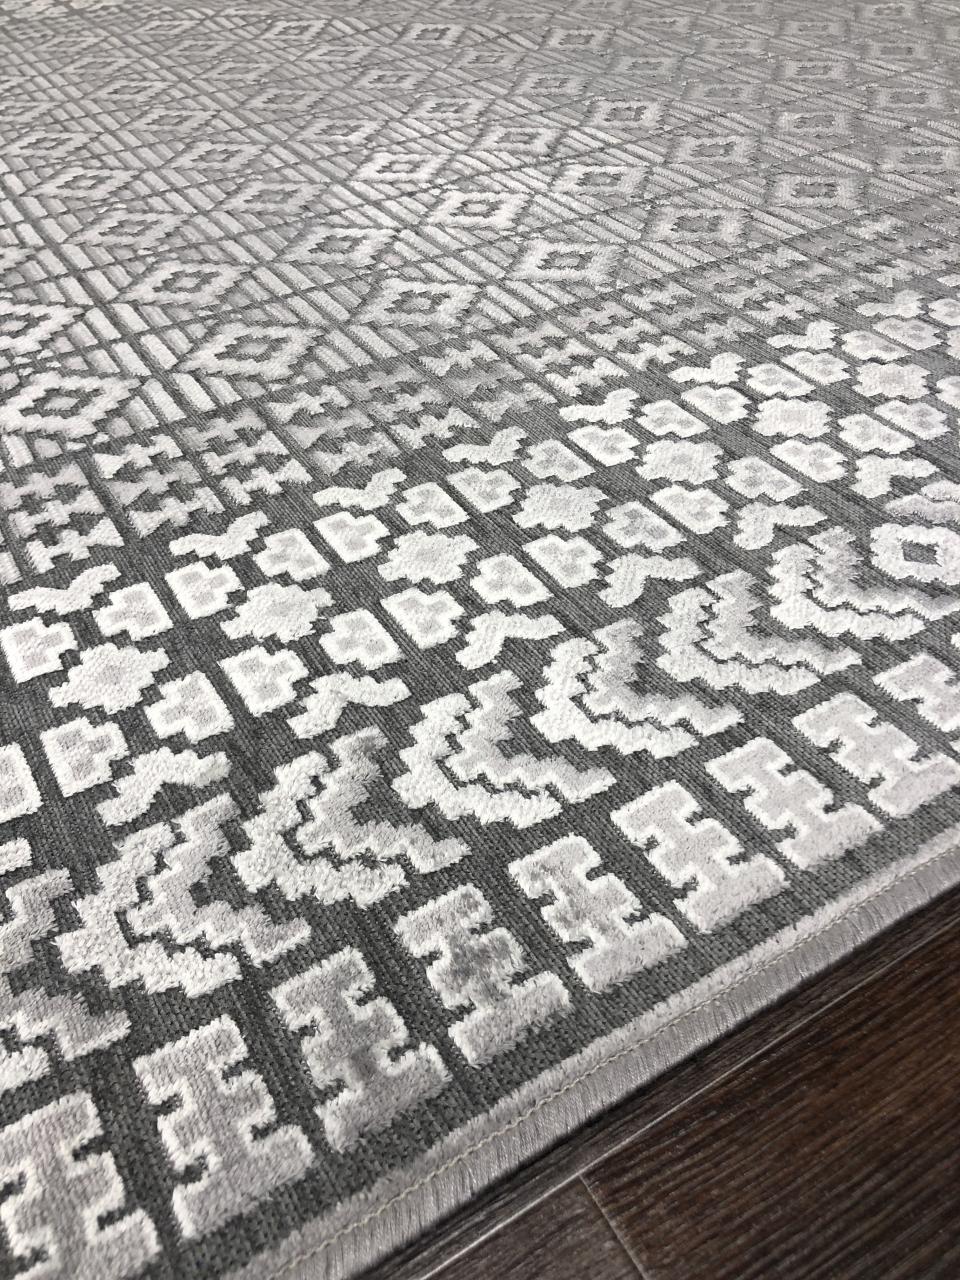 Ковер 911012 - 566653 - Прямоугольник - коллекция ORIGAMI - фото 2